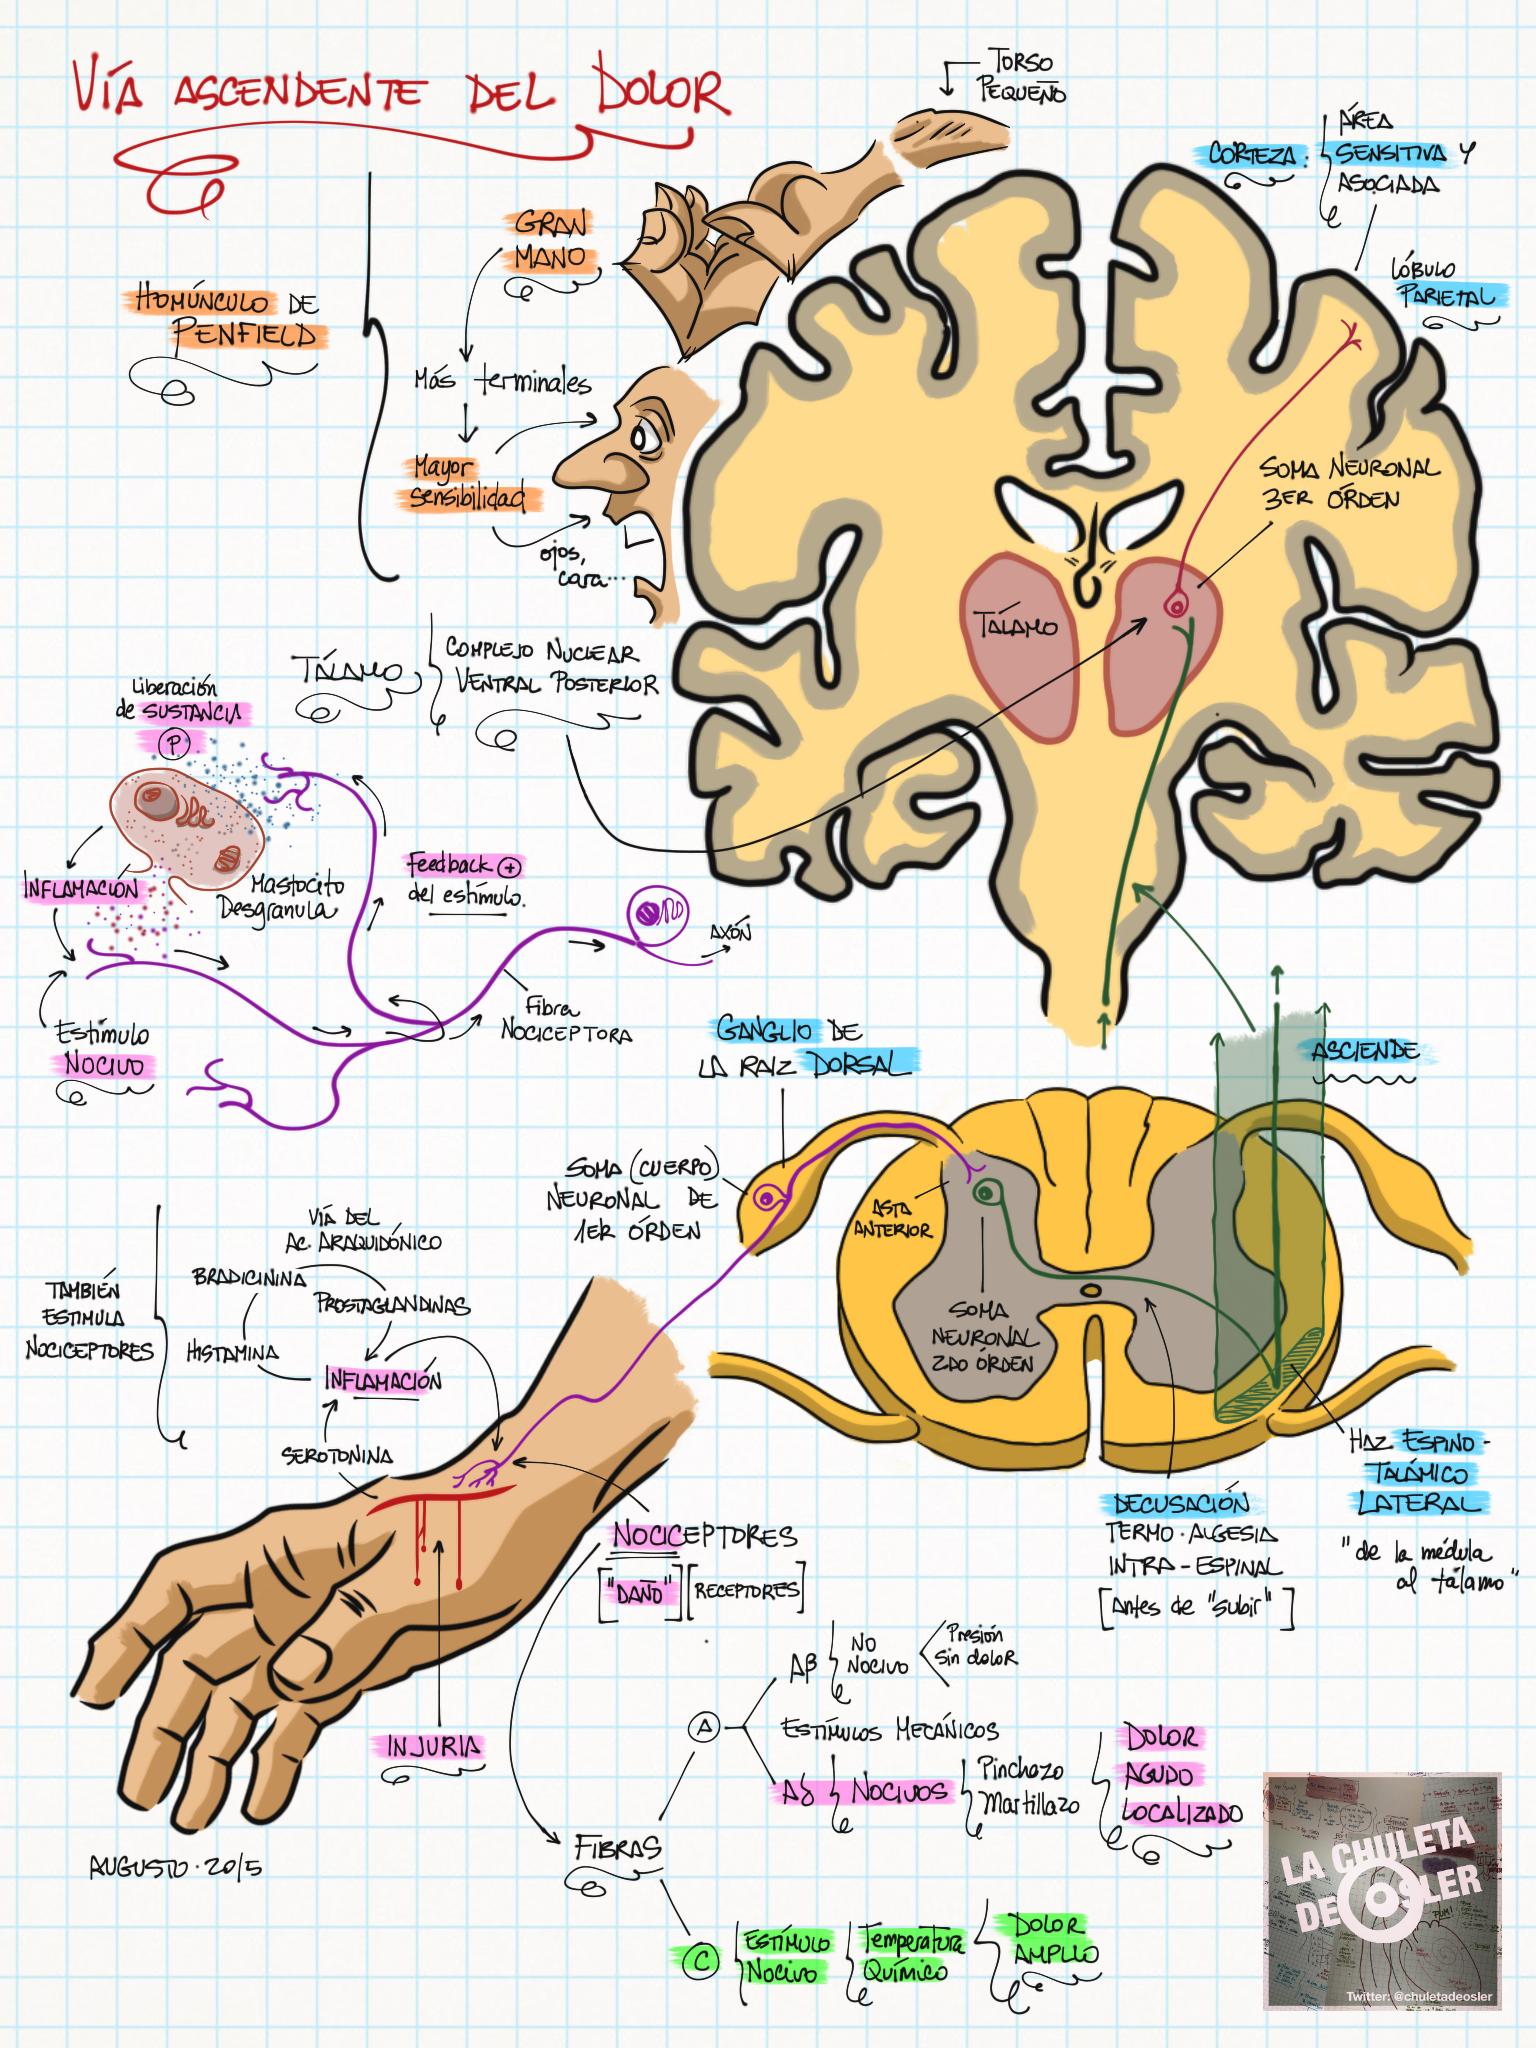 Pin von luis enrique auf Neurológia | Pinterest | Medizin